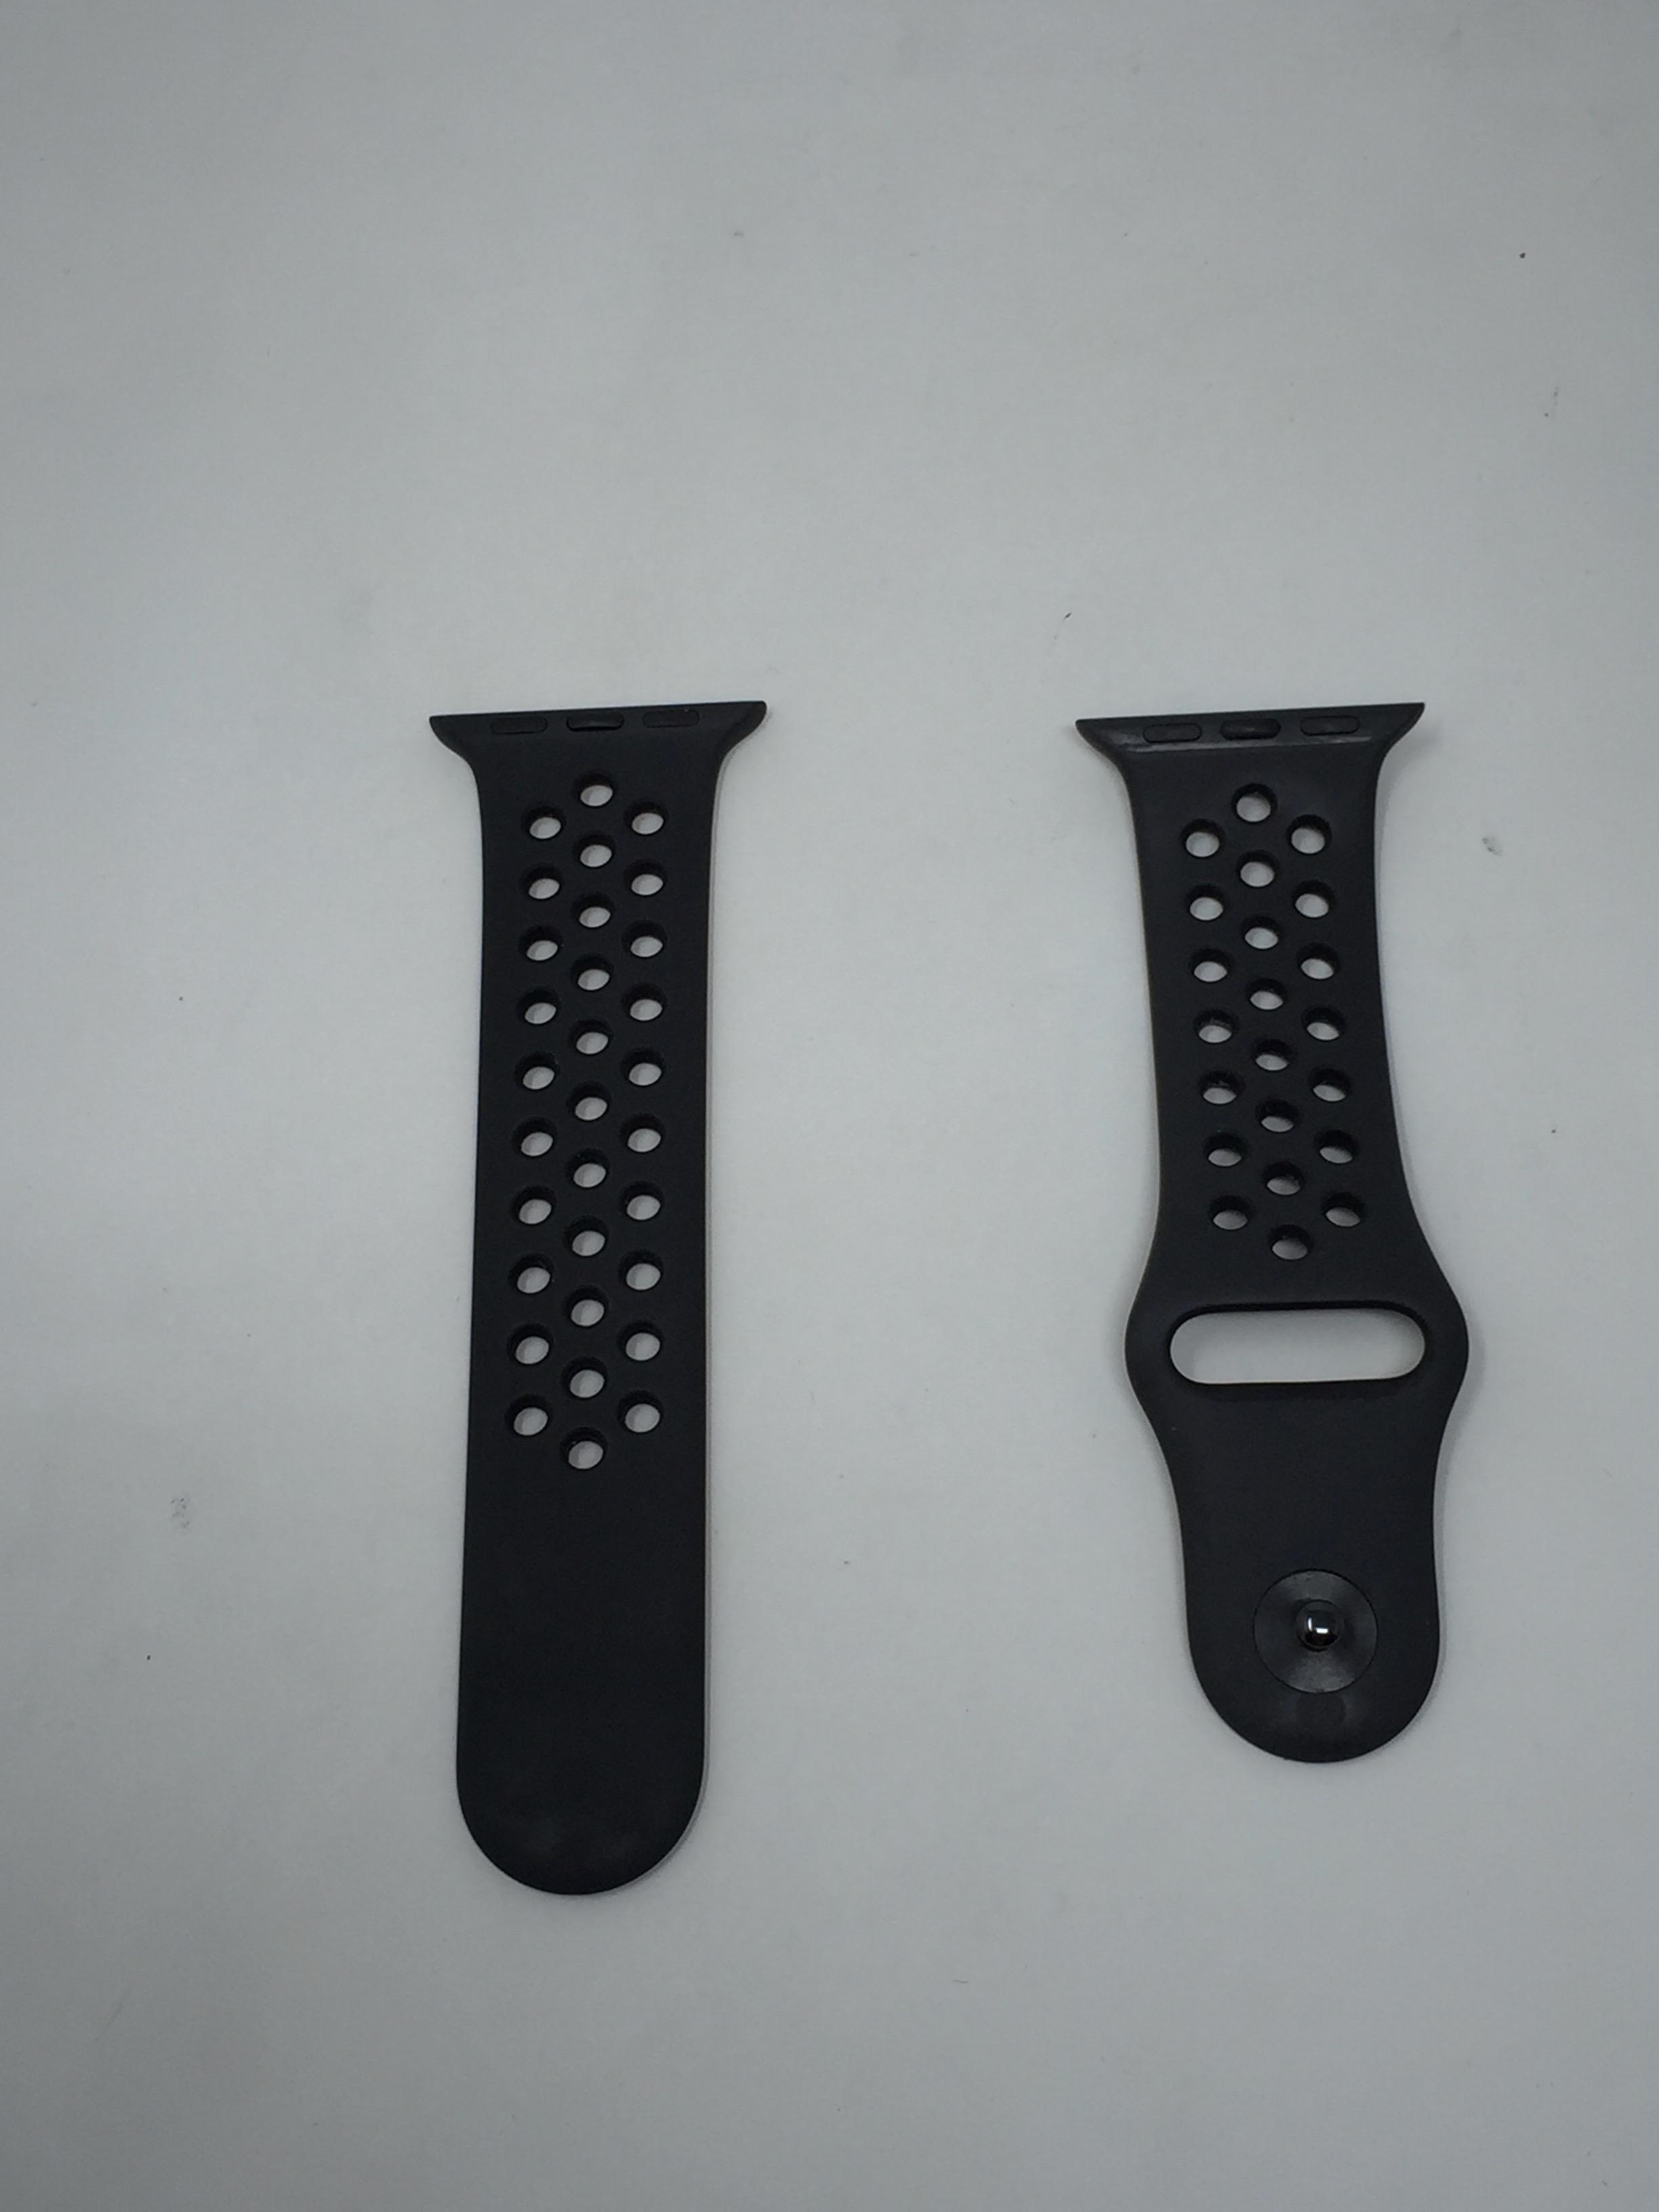 Watch Series 3 (38mm), Black, imagen 3